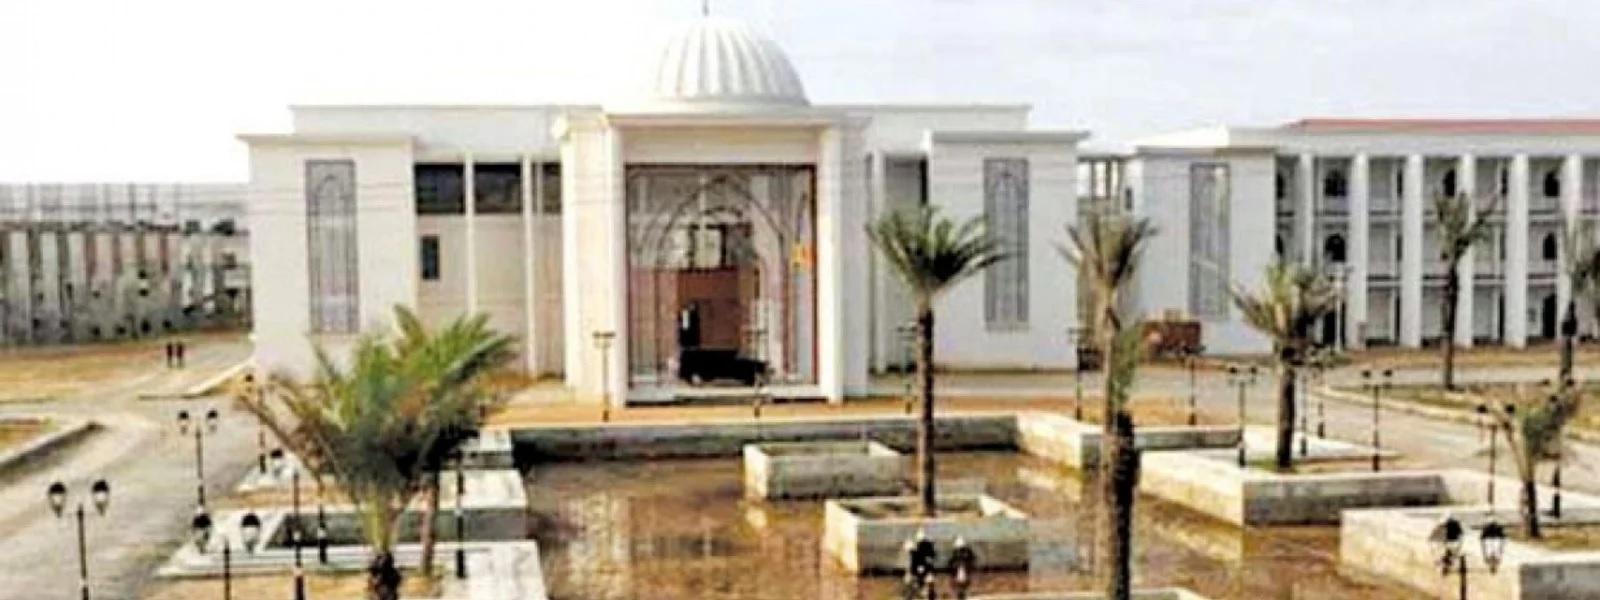 Batticaloa Campus பல்கலைக்கழகமாக மாற்றப்படும்: G.L.பீரிஸ்